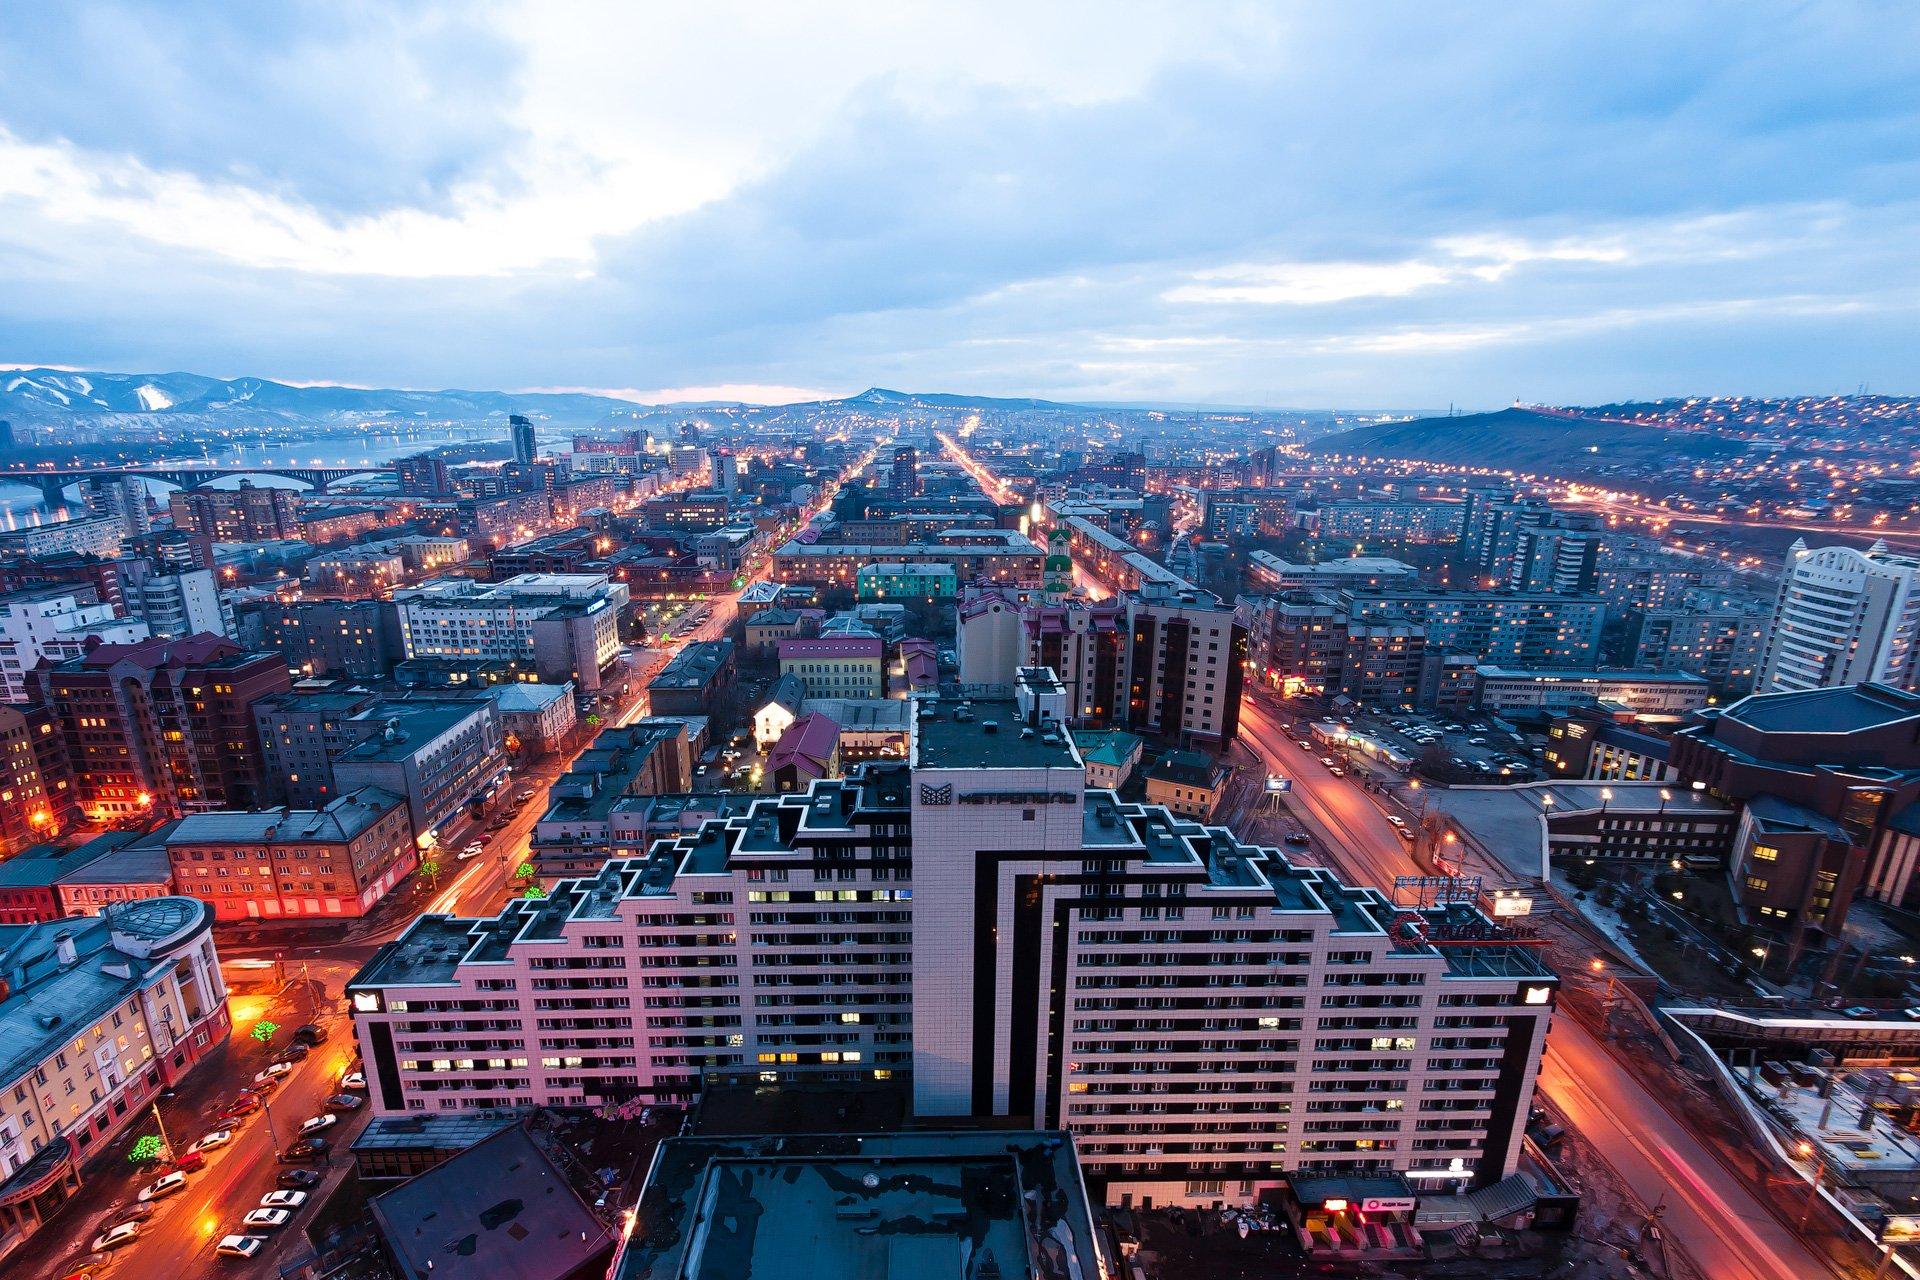 ВКрасноярске зафиксирован повышенный уровень формальдегида ввоздухе